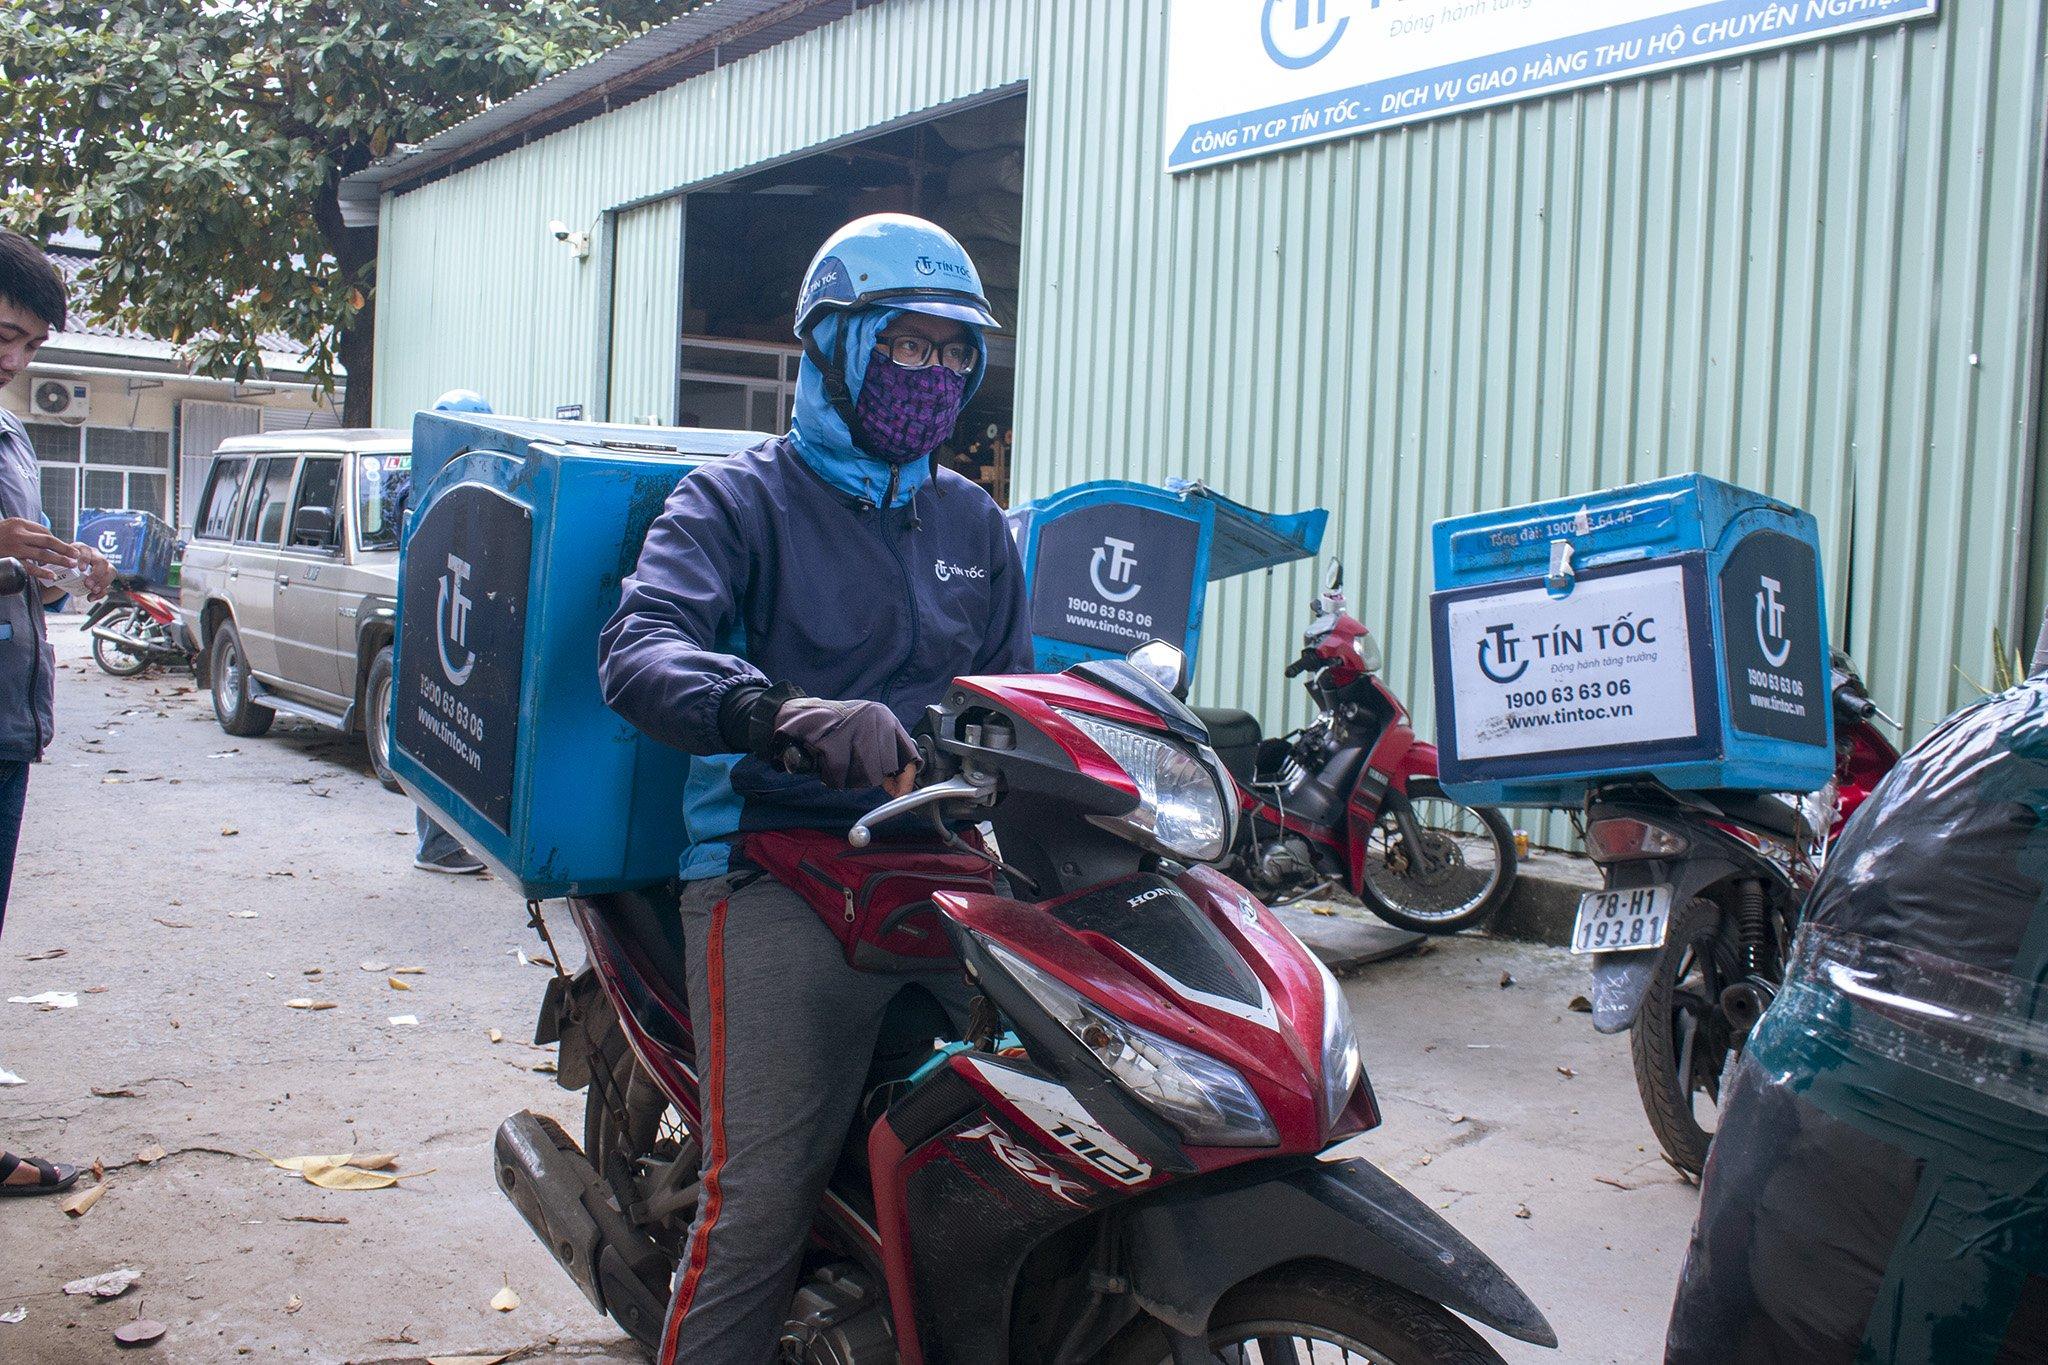 Dịch vụ giao hàng trong ngày quận Tân Bình, nội thành ngày càng phát triển